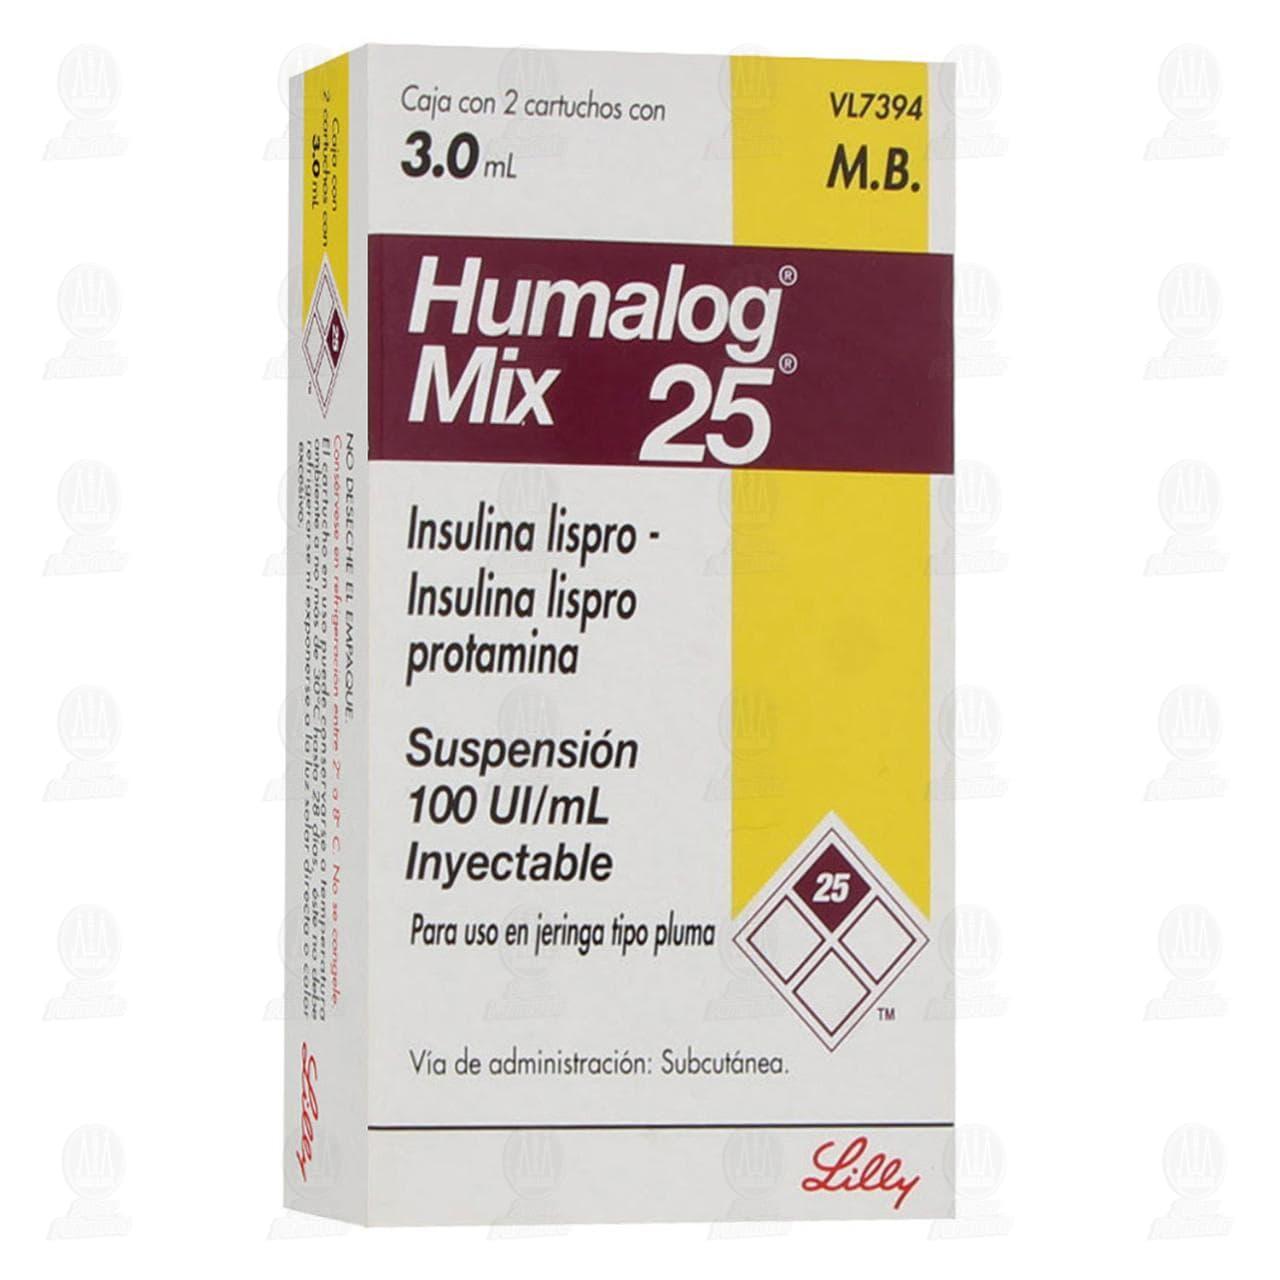 Comprar Humalog Mix 25 Suspensión Inyectable 100UI/ml 2 Cartuchos 3ml en Farmacias Guadalajara